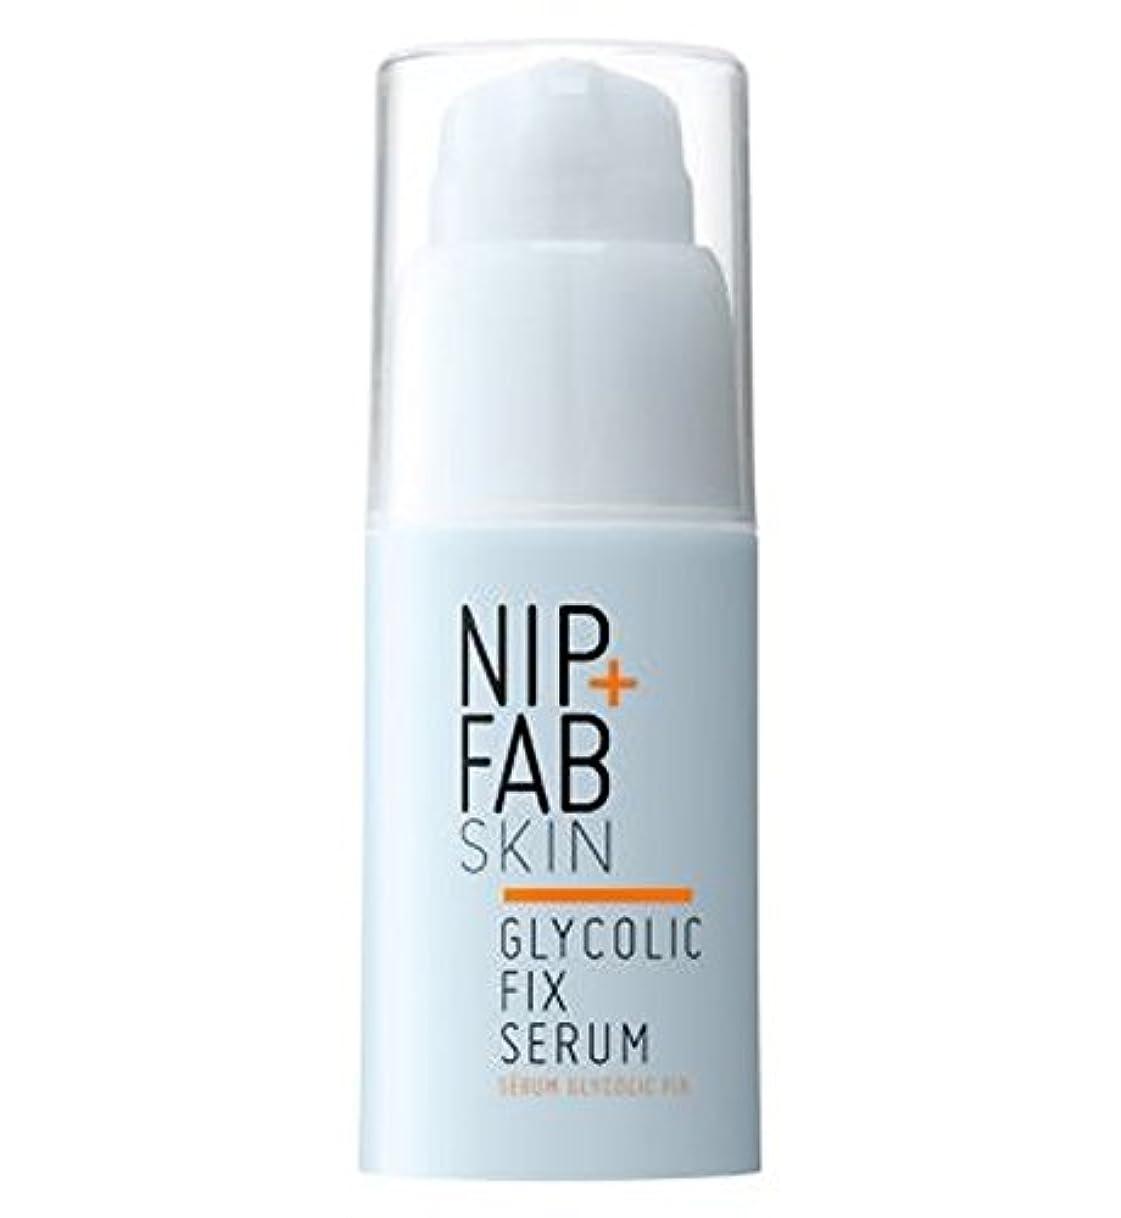 乱れマージ明確に+ファブグリコール修正血清30ミリリットルニップ (Nip & Fab) (x2) - Nip + Fab Glycolic Fix Serum 30ml (Pack of 2) [並行輸入品]